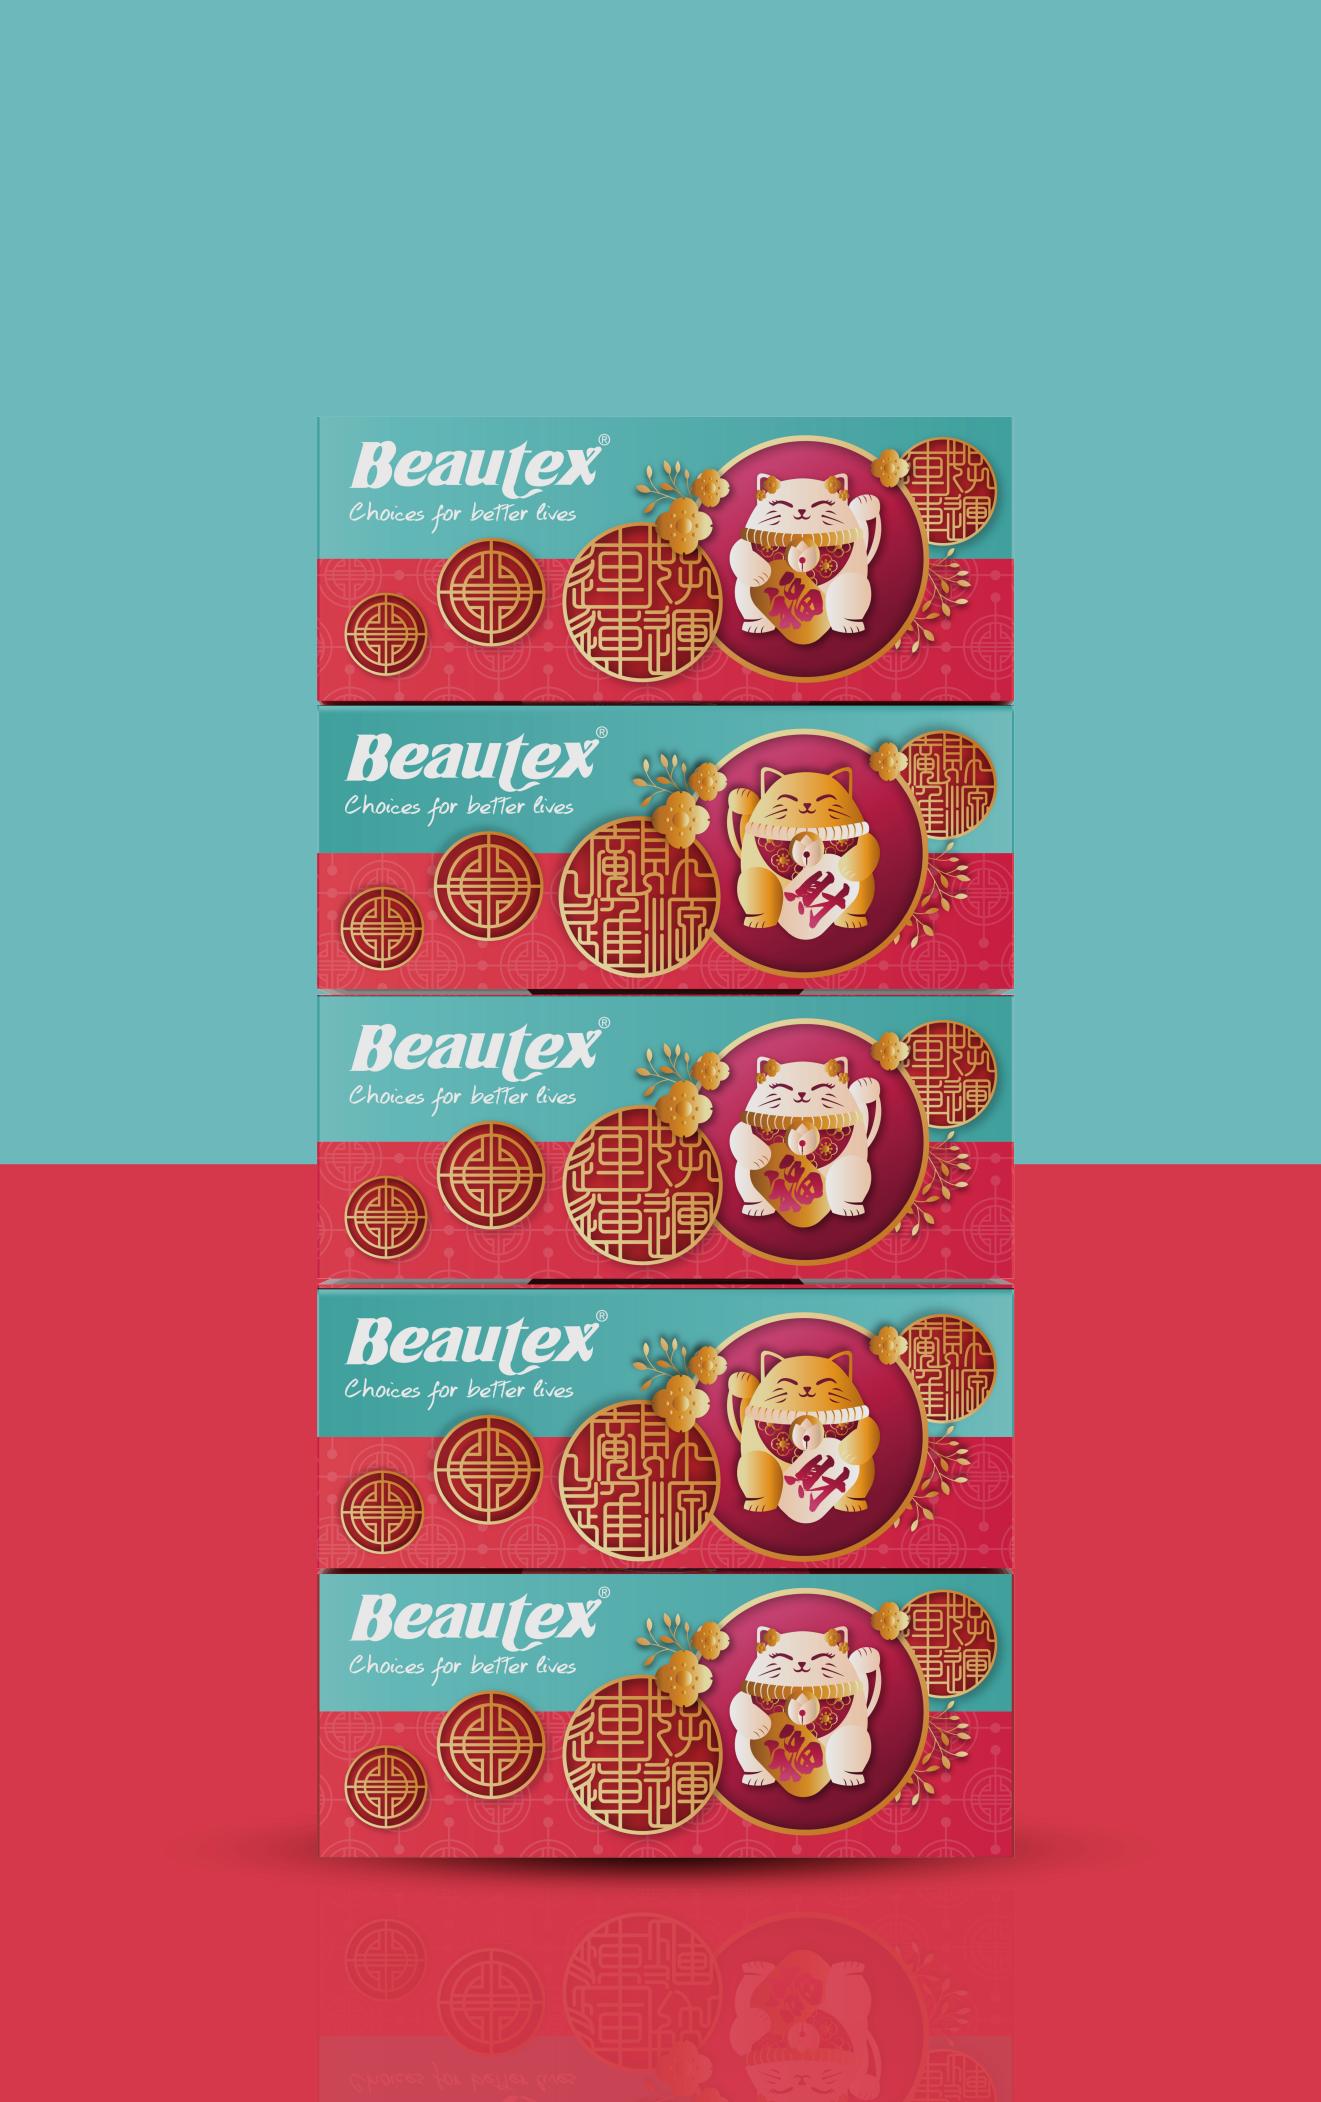 beautex2019-01.png